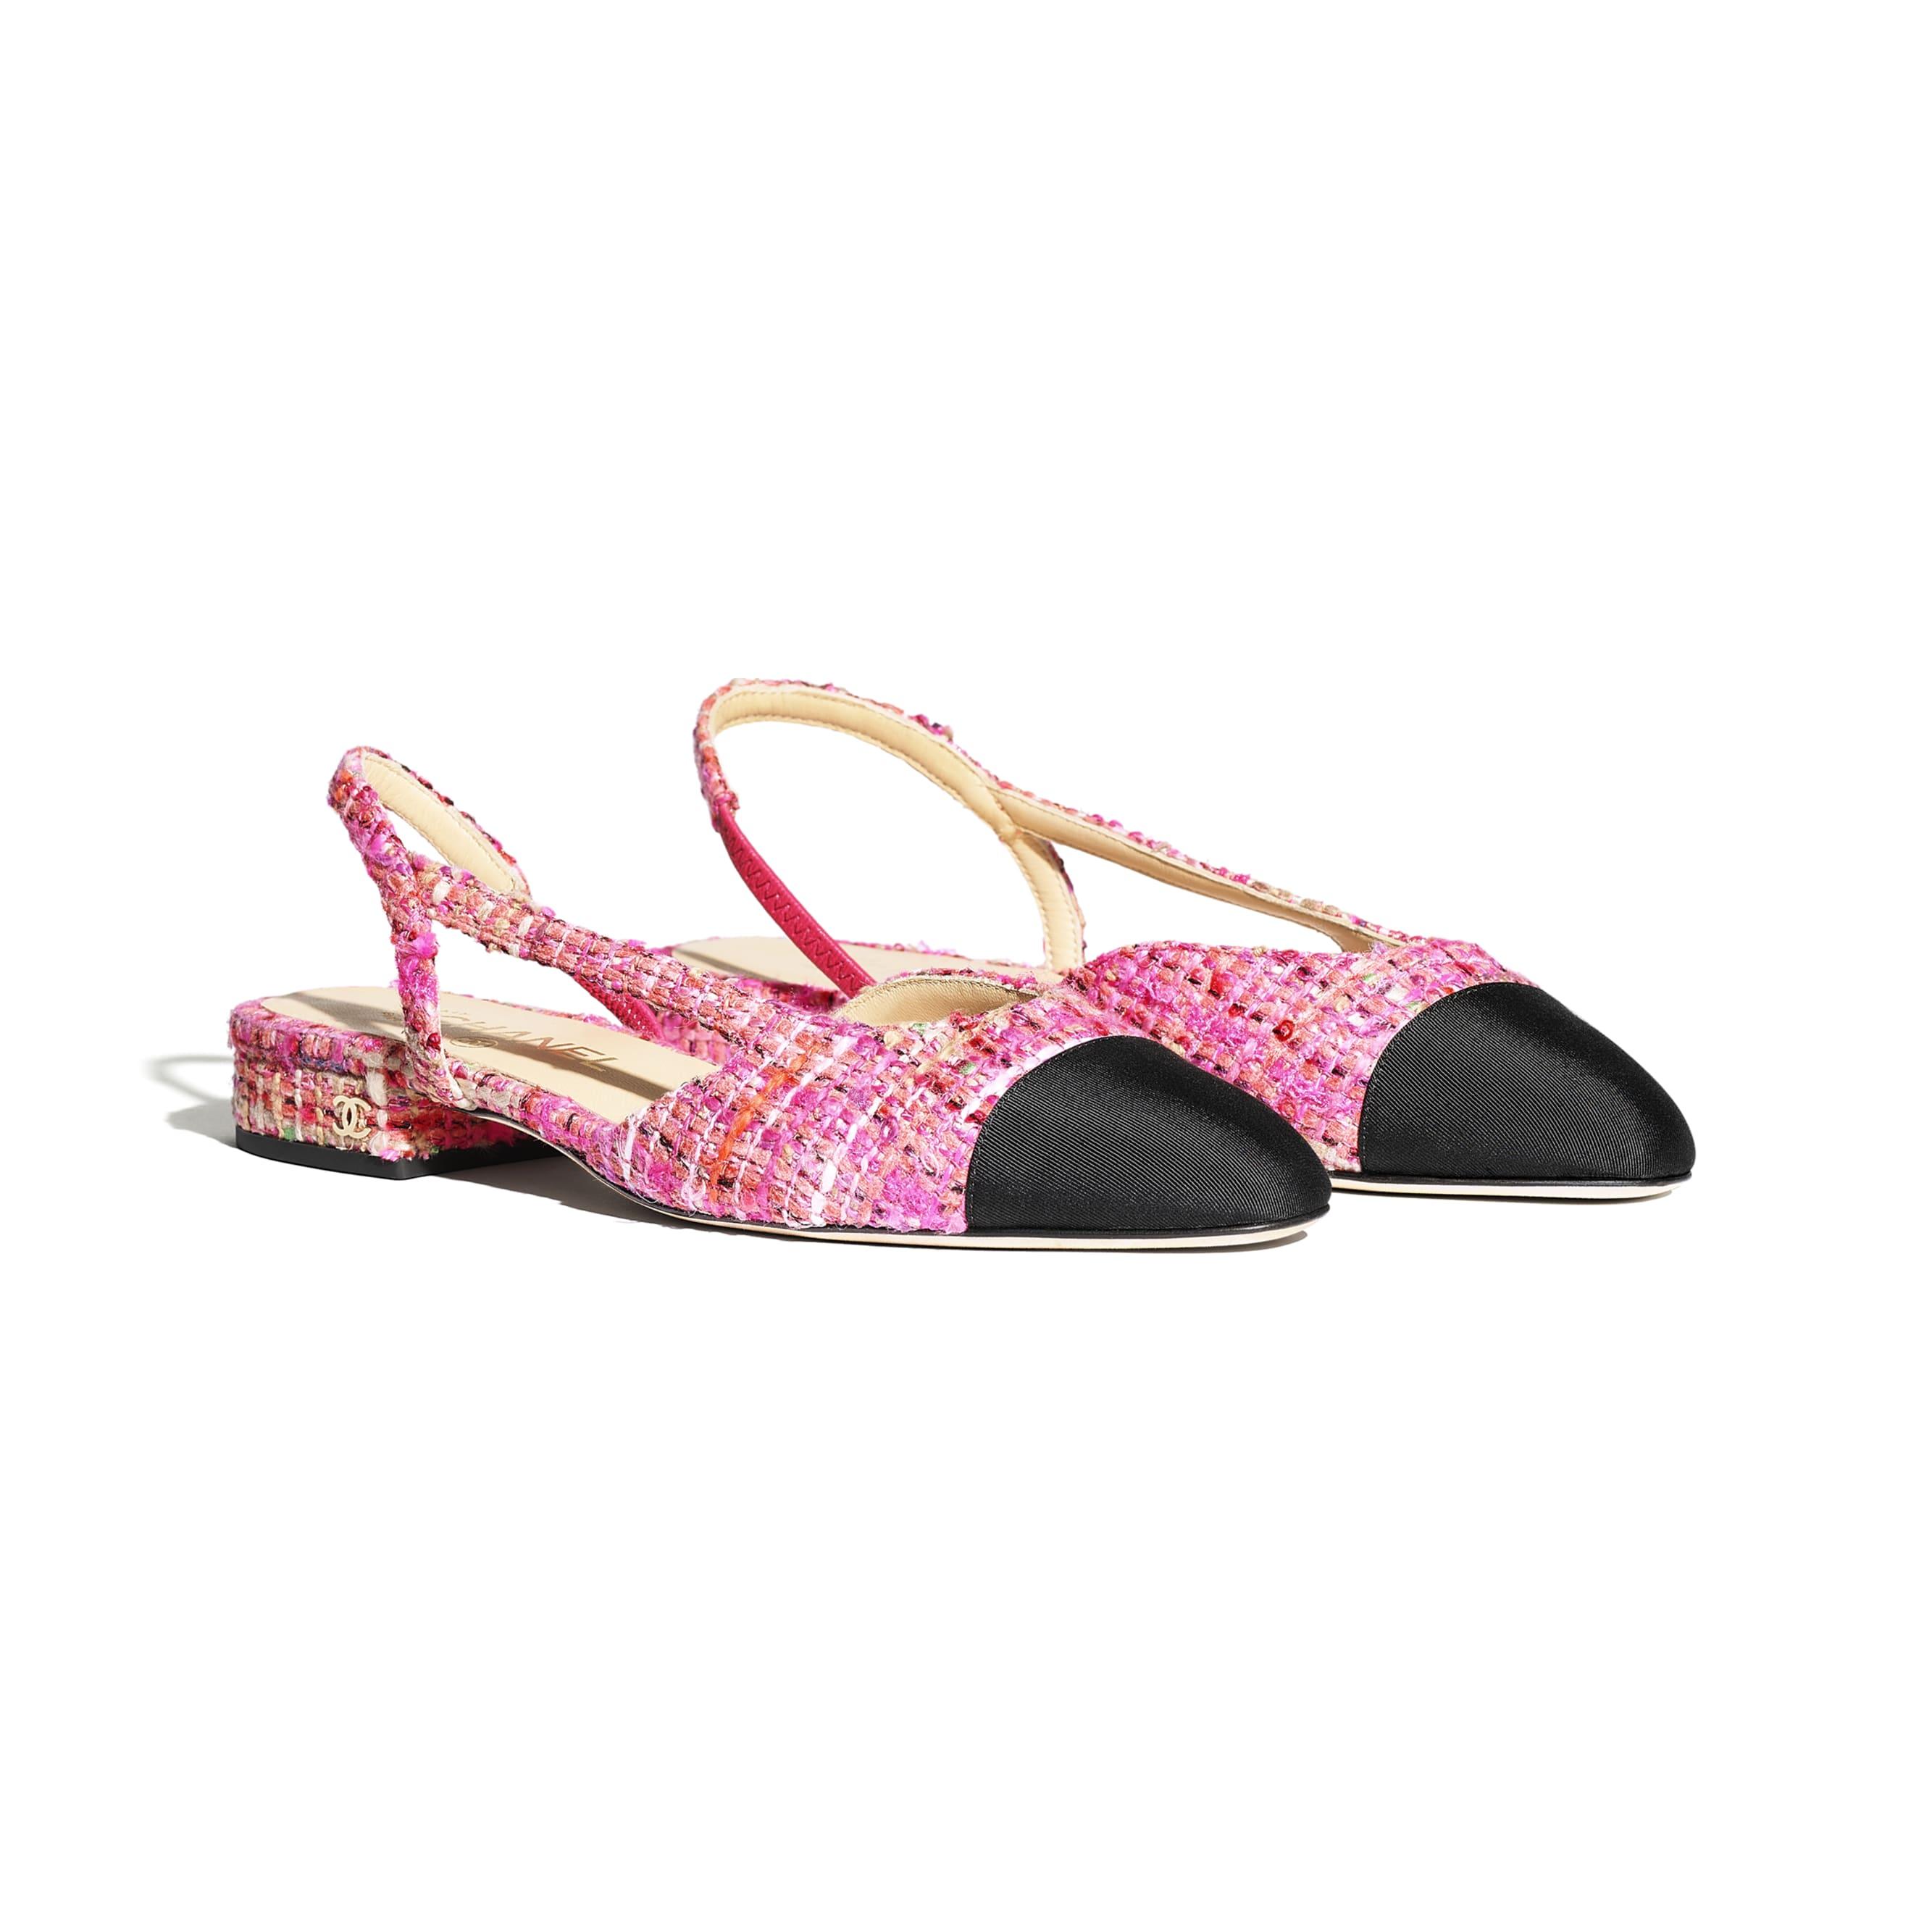 Туфли-лодочки - Розовый, светло-розовый и черный - Твид и шелковая ткань - Альтернативный вид - посмотреть изображение стандартного размера